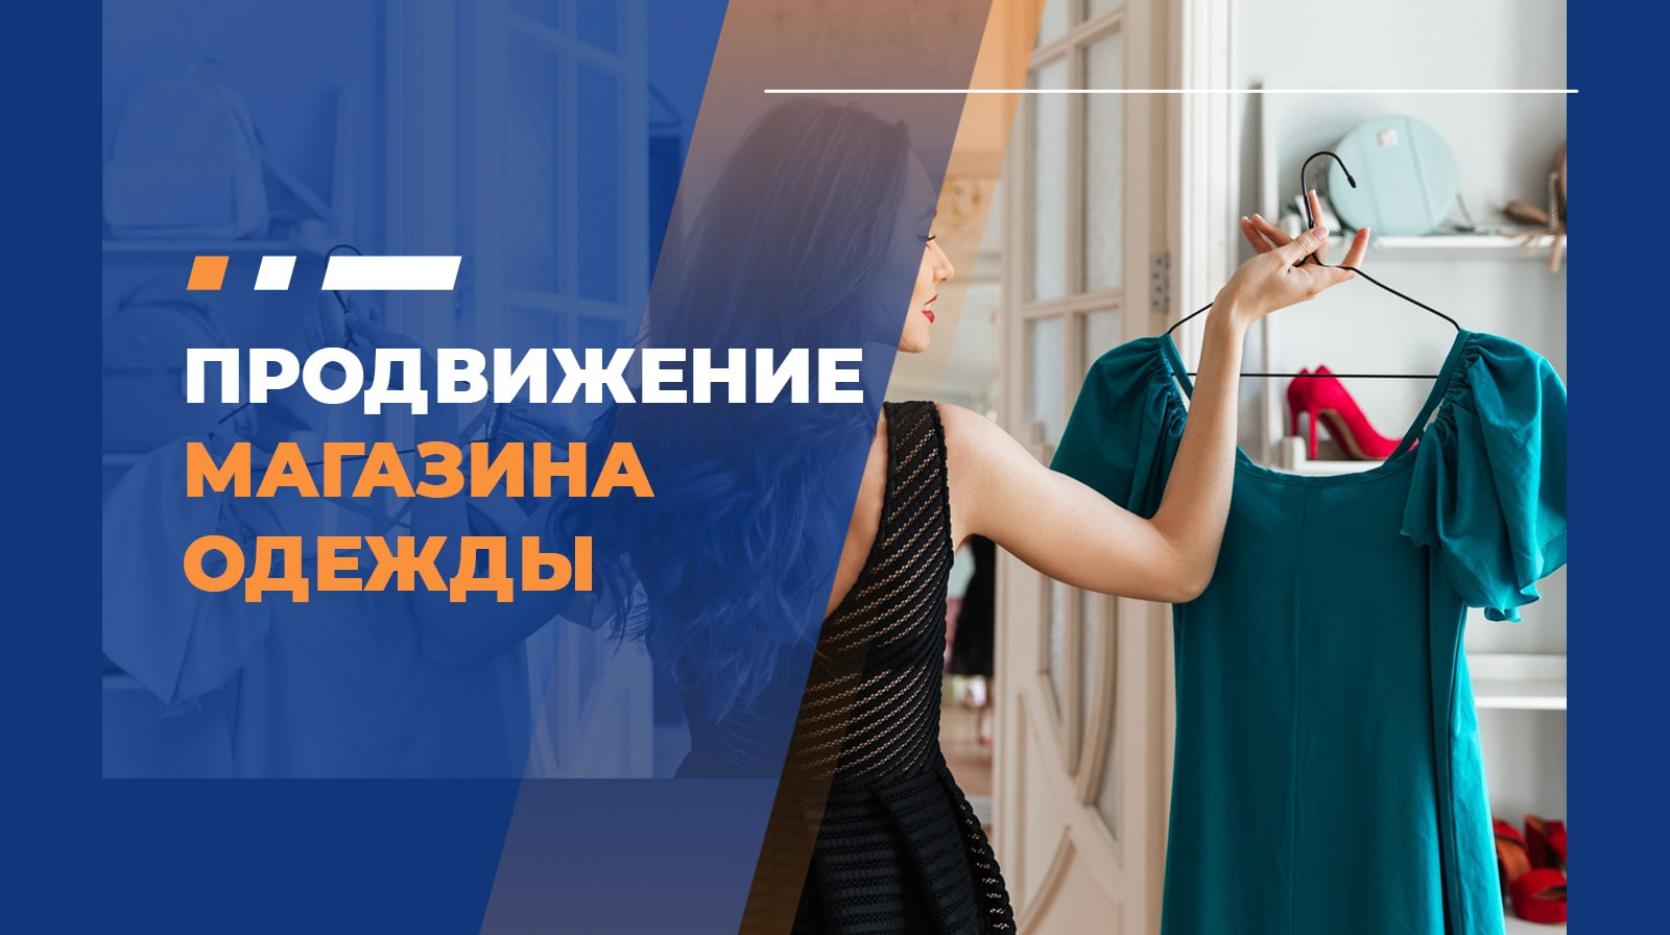 magazin-odezhda